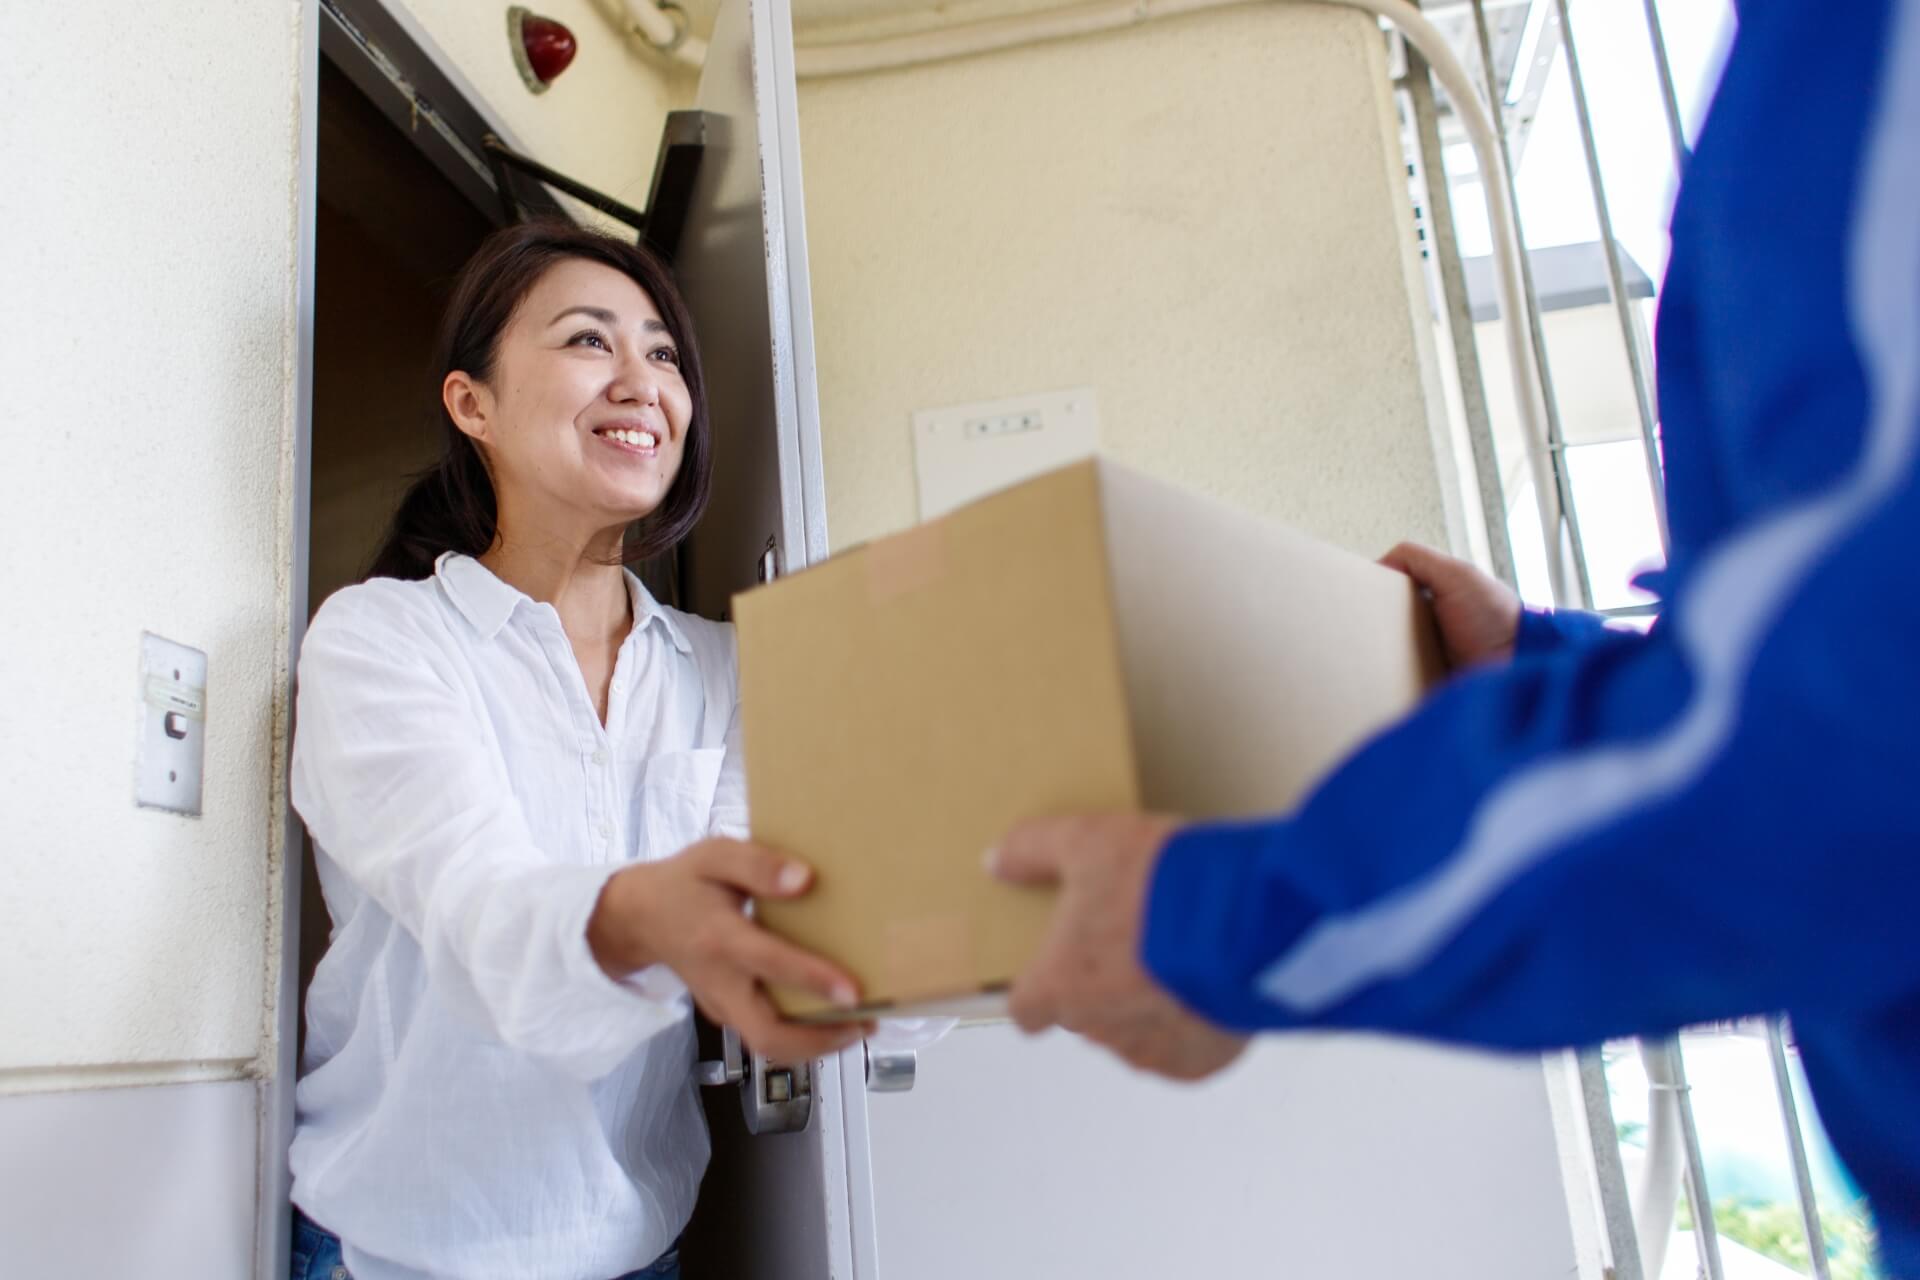 日本郵便のe 受取チョイスは車庫・郵便受け・メーターボックスに荷物を入れてくれる